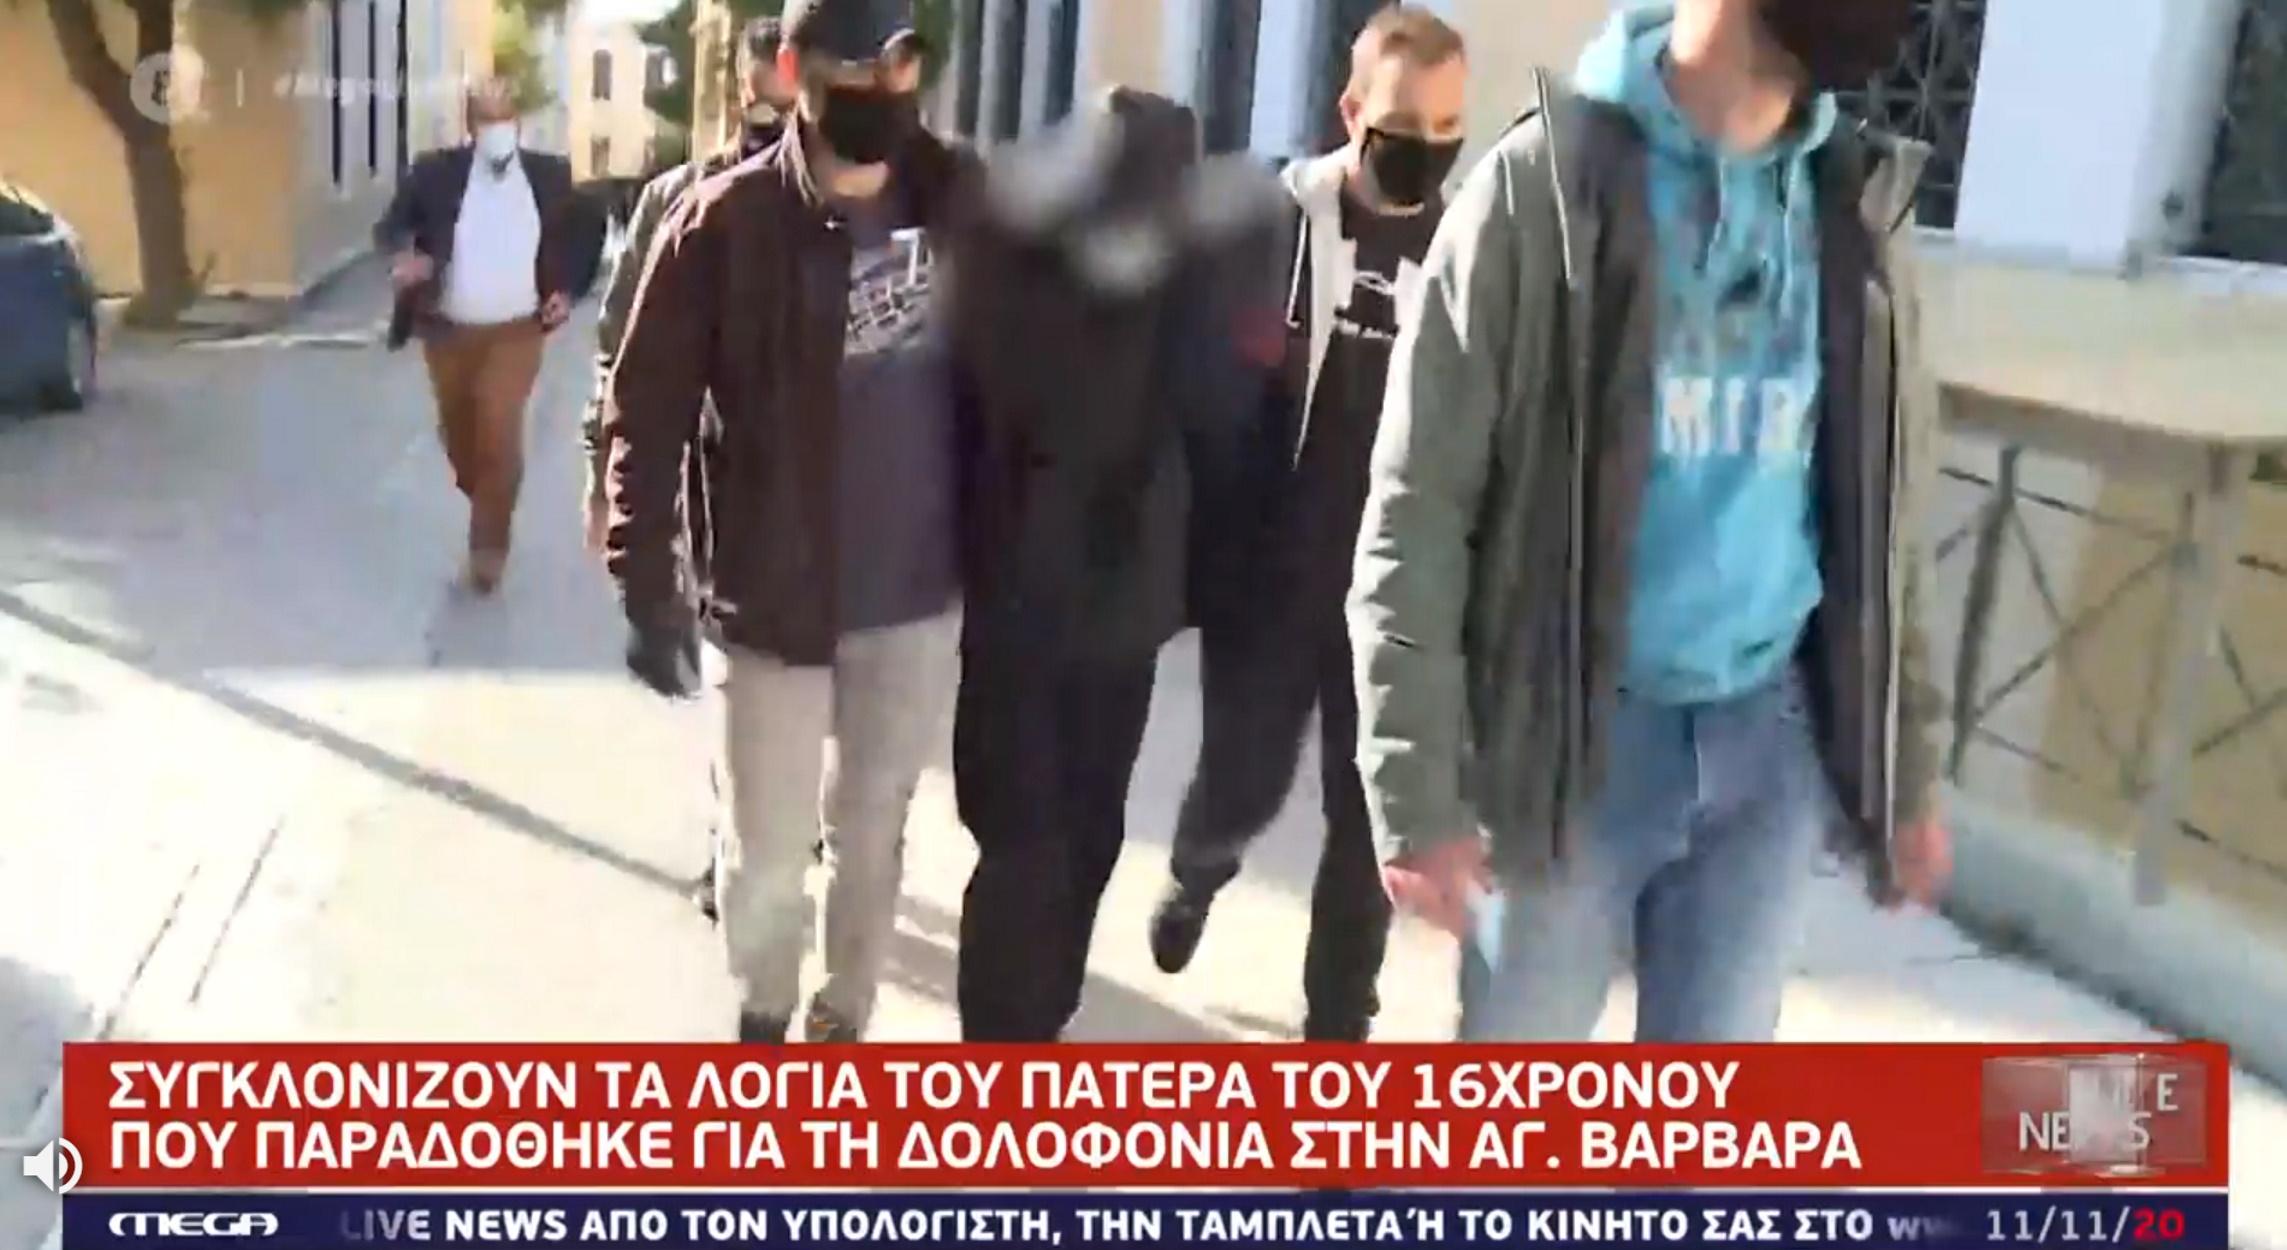 """Αγία Βαρβάρα: """"Αν το έκανε να καταδικαστεί"""", λέει ο πατέρας του 16χρονου στο Live News (video)"""